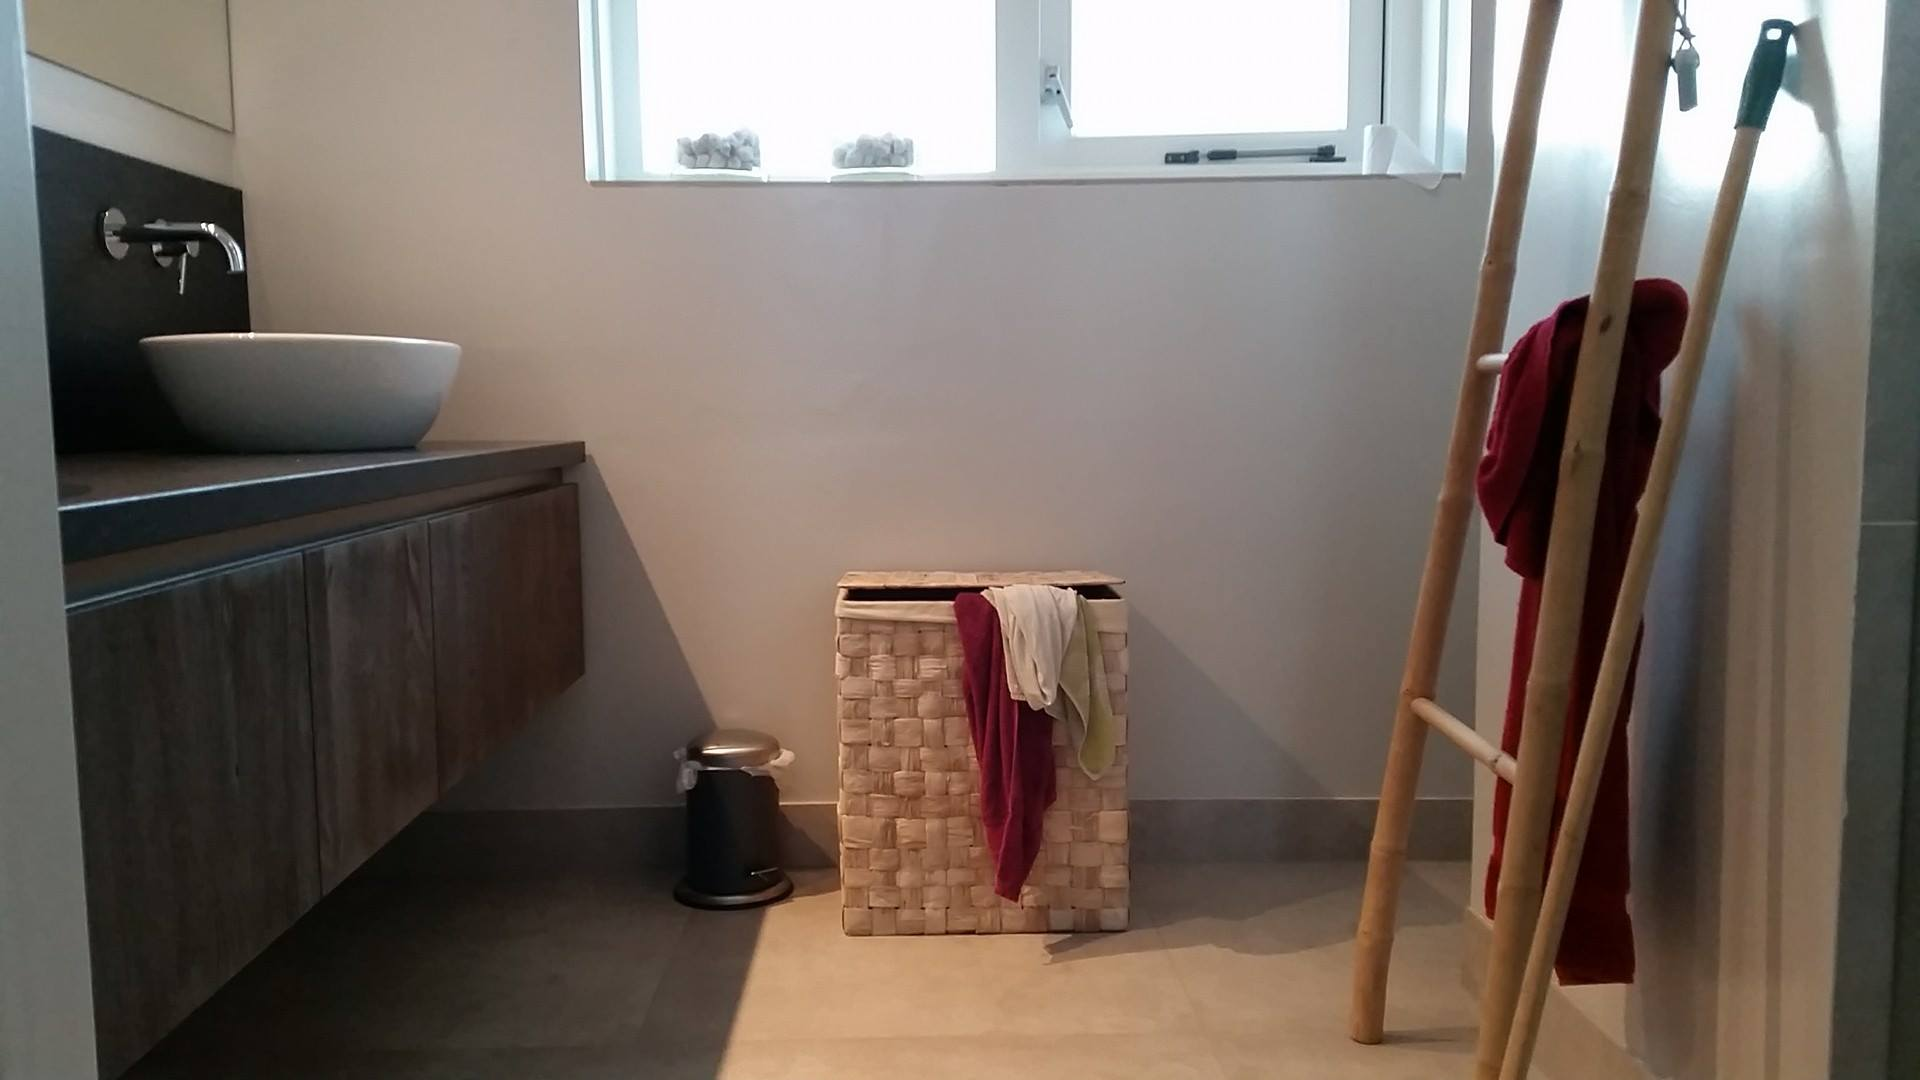 Badkamer voorbeelden van klassieke tot engelse stijl